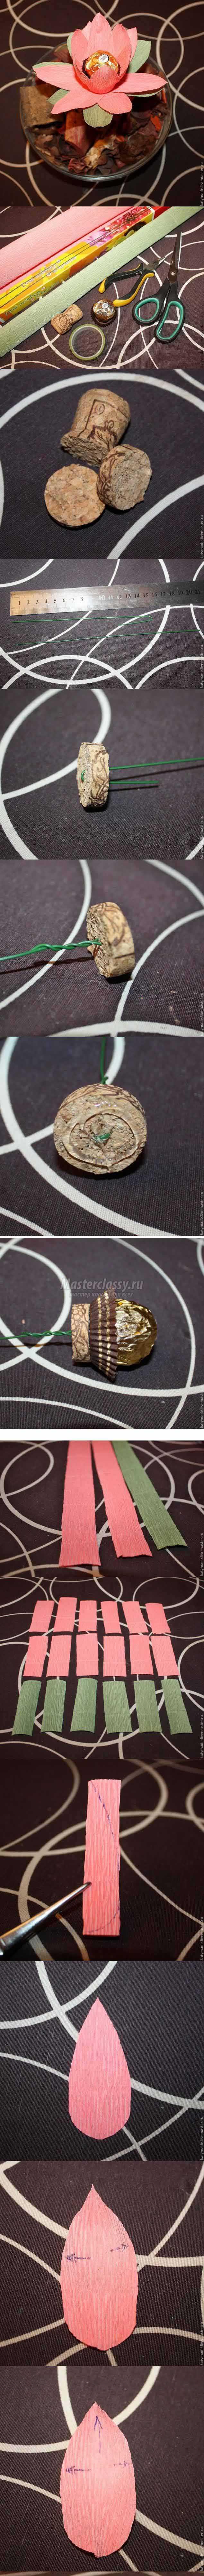 Подарки из конфет к любому празднику. Идеи с подробными фото